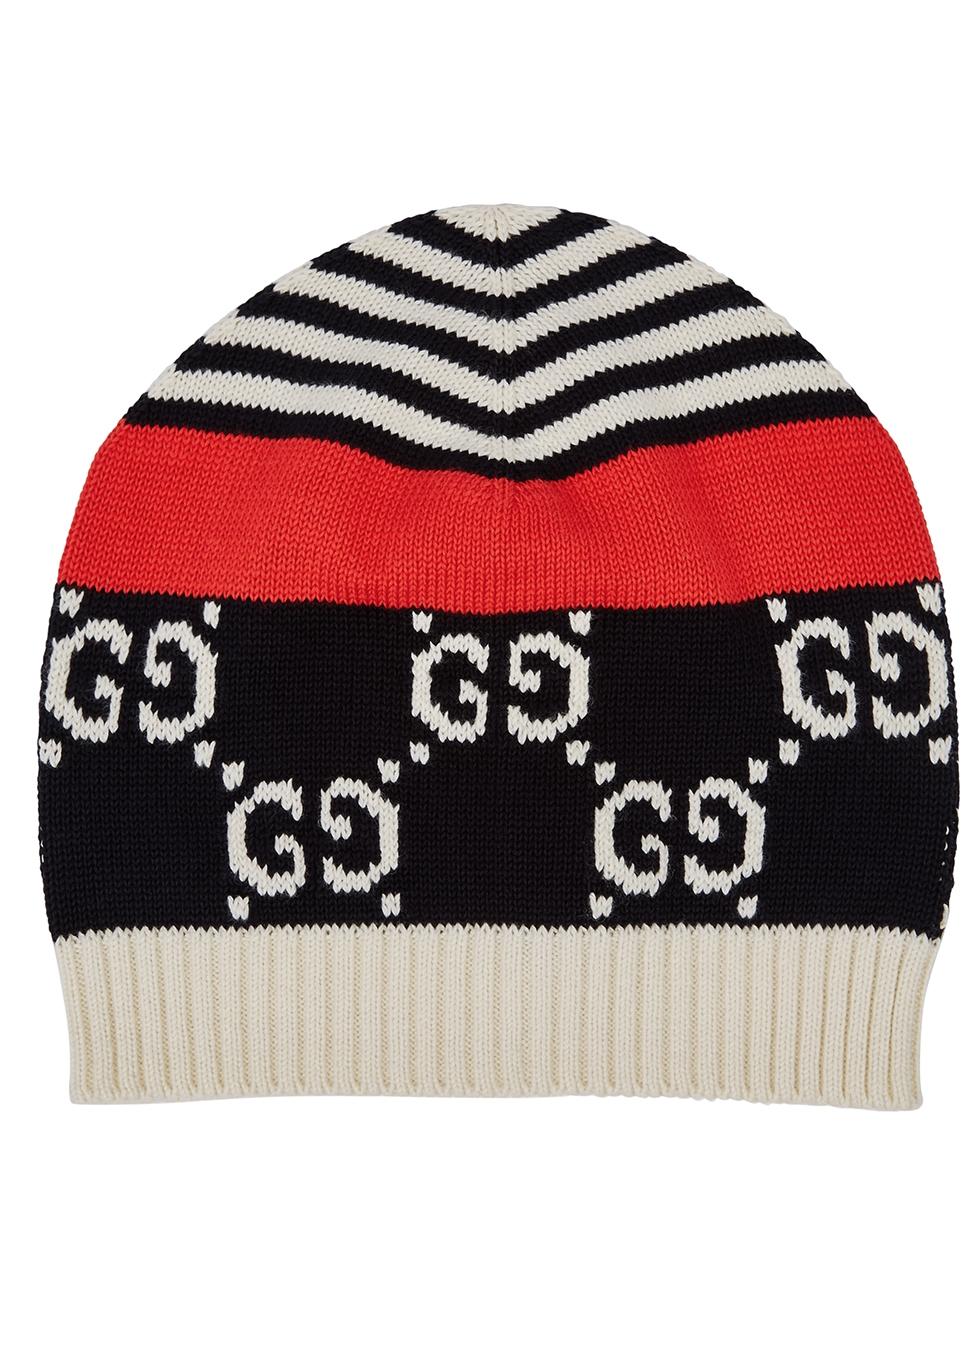 26e0d6da36d Men s Designer Hats - Harvey Nichols